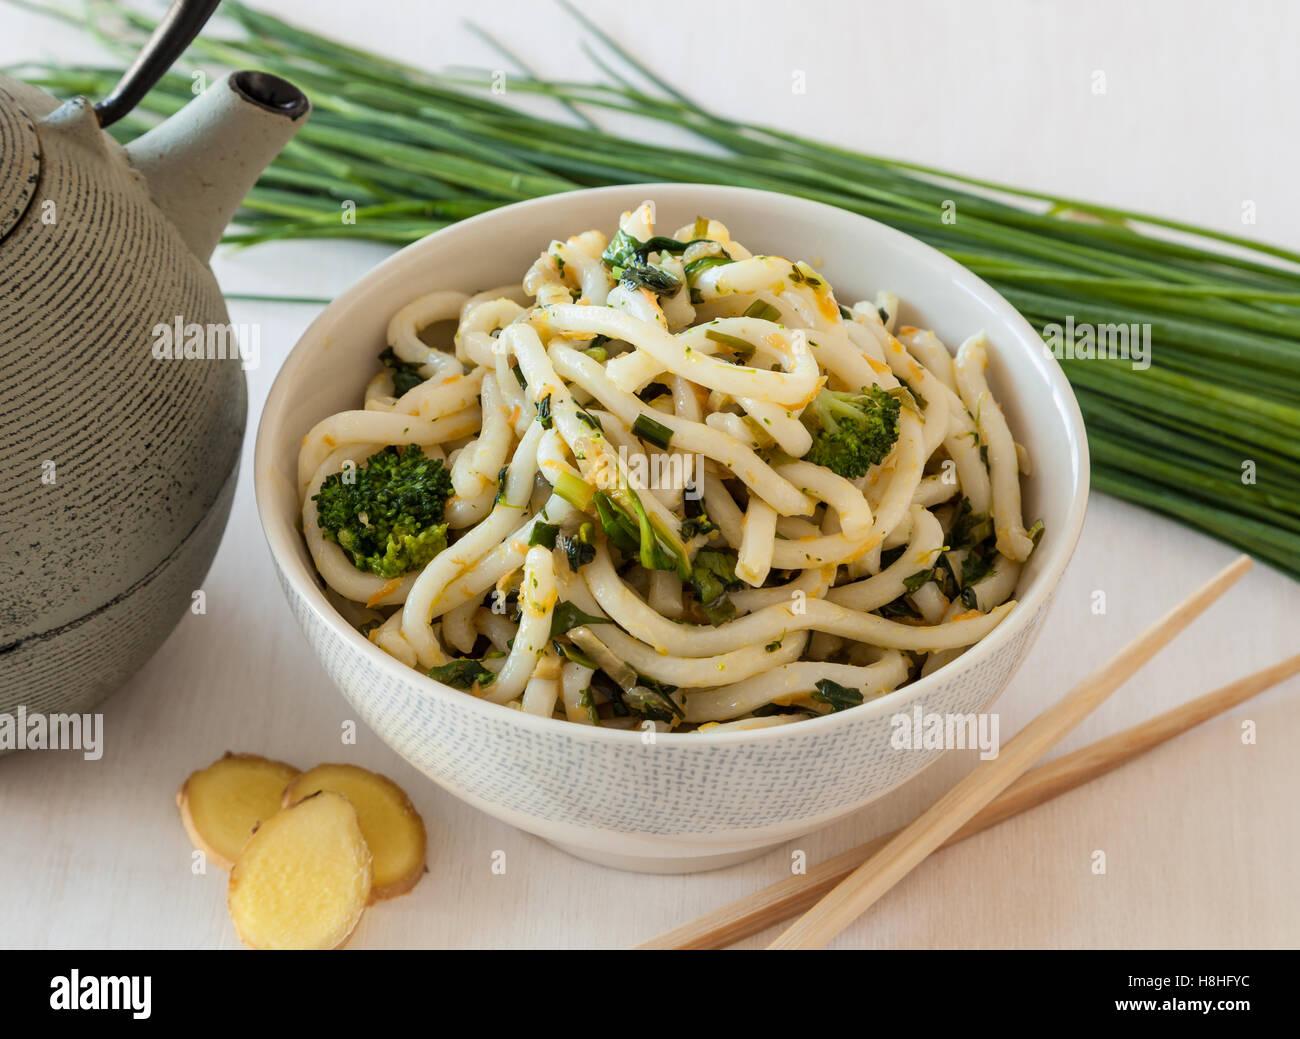 La nourriture japonaise. Les nouilles Udon avec le brocoli et les légumes Photo Stock